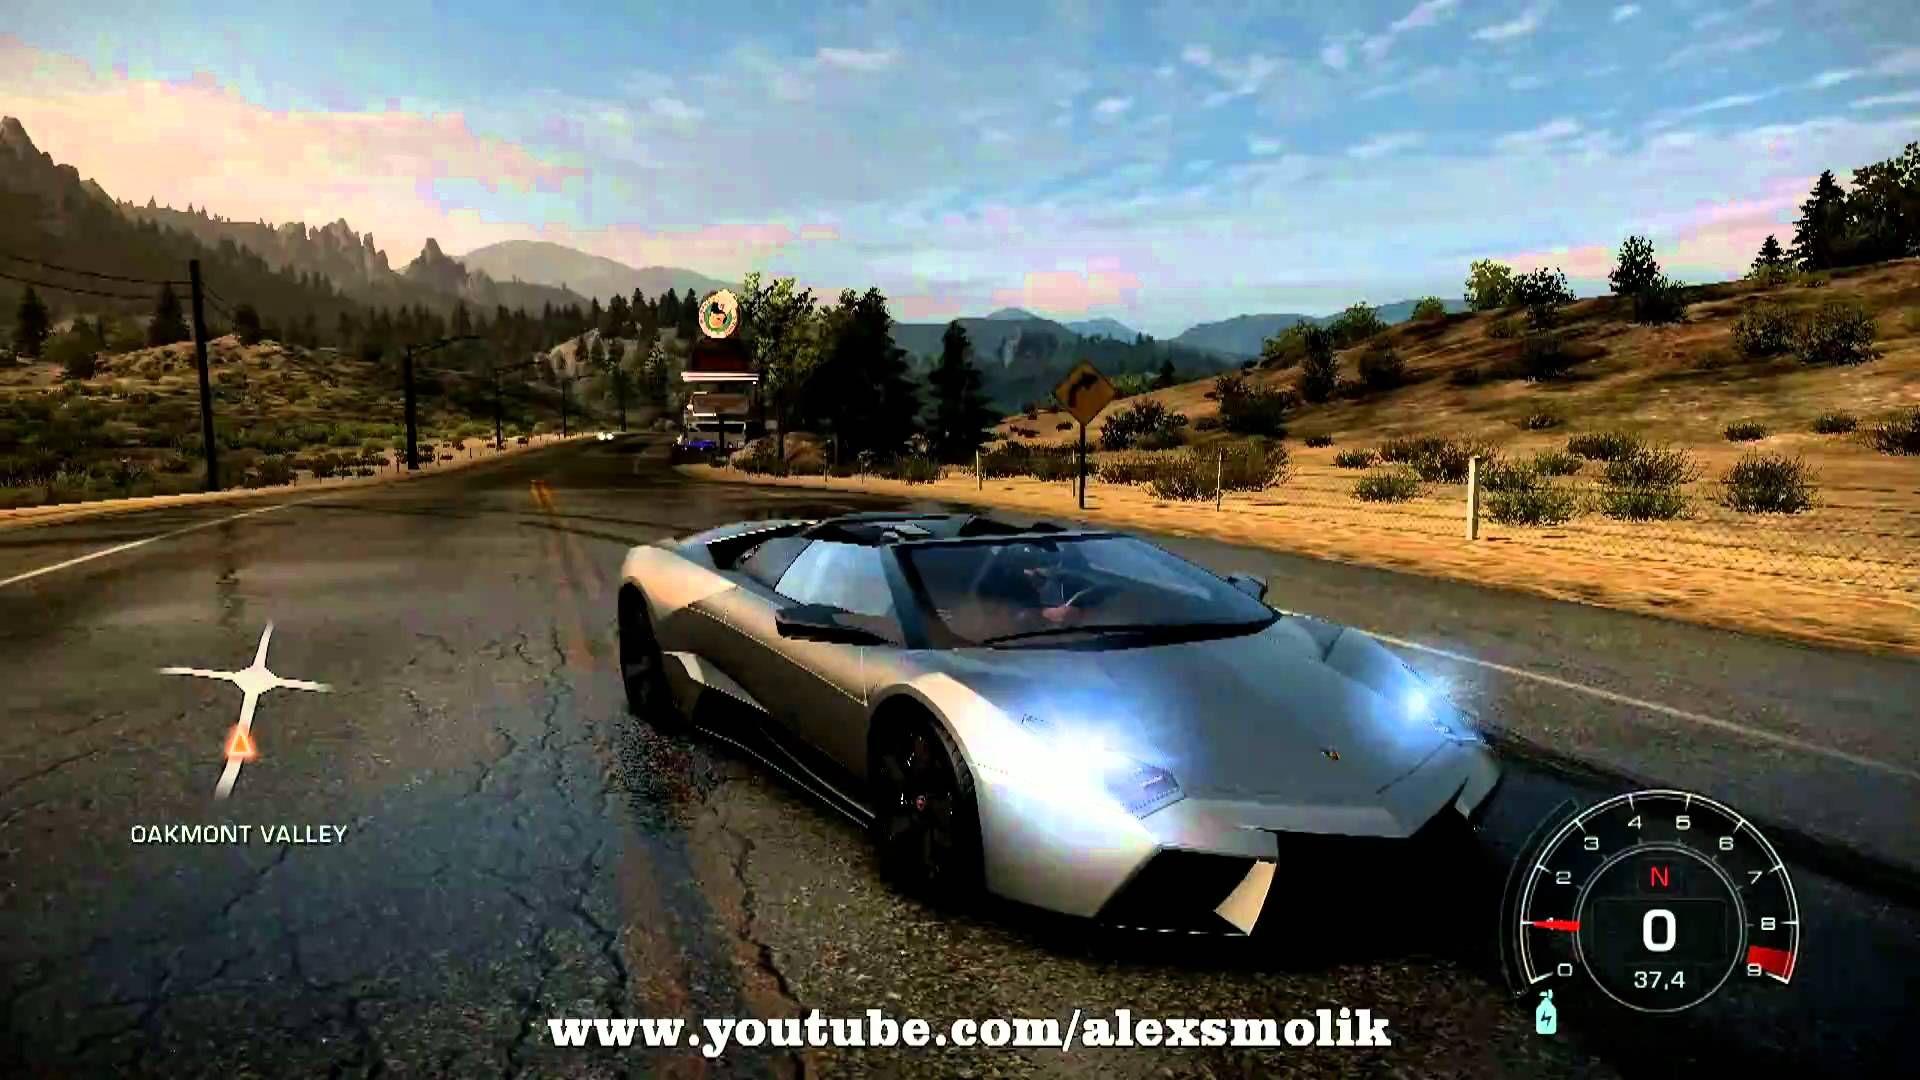 1c6692d4590a24dc97200497e2f49ed8 Marvelous Lamborghini Countach Nfs Hot Pursuit Cars Trend